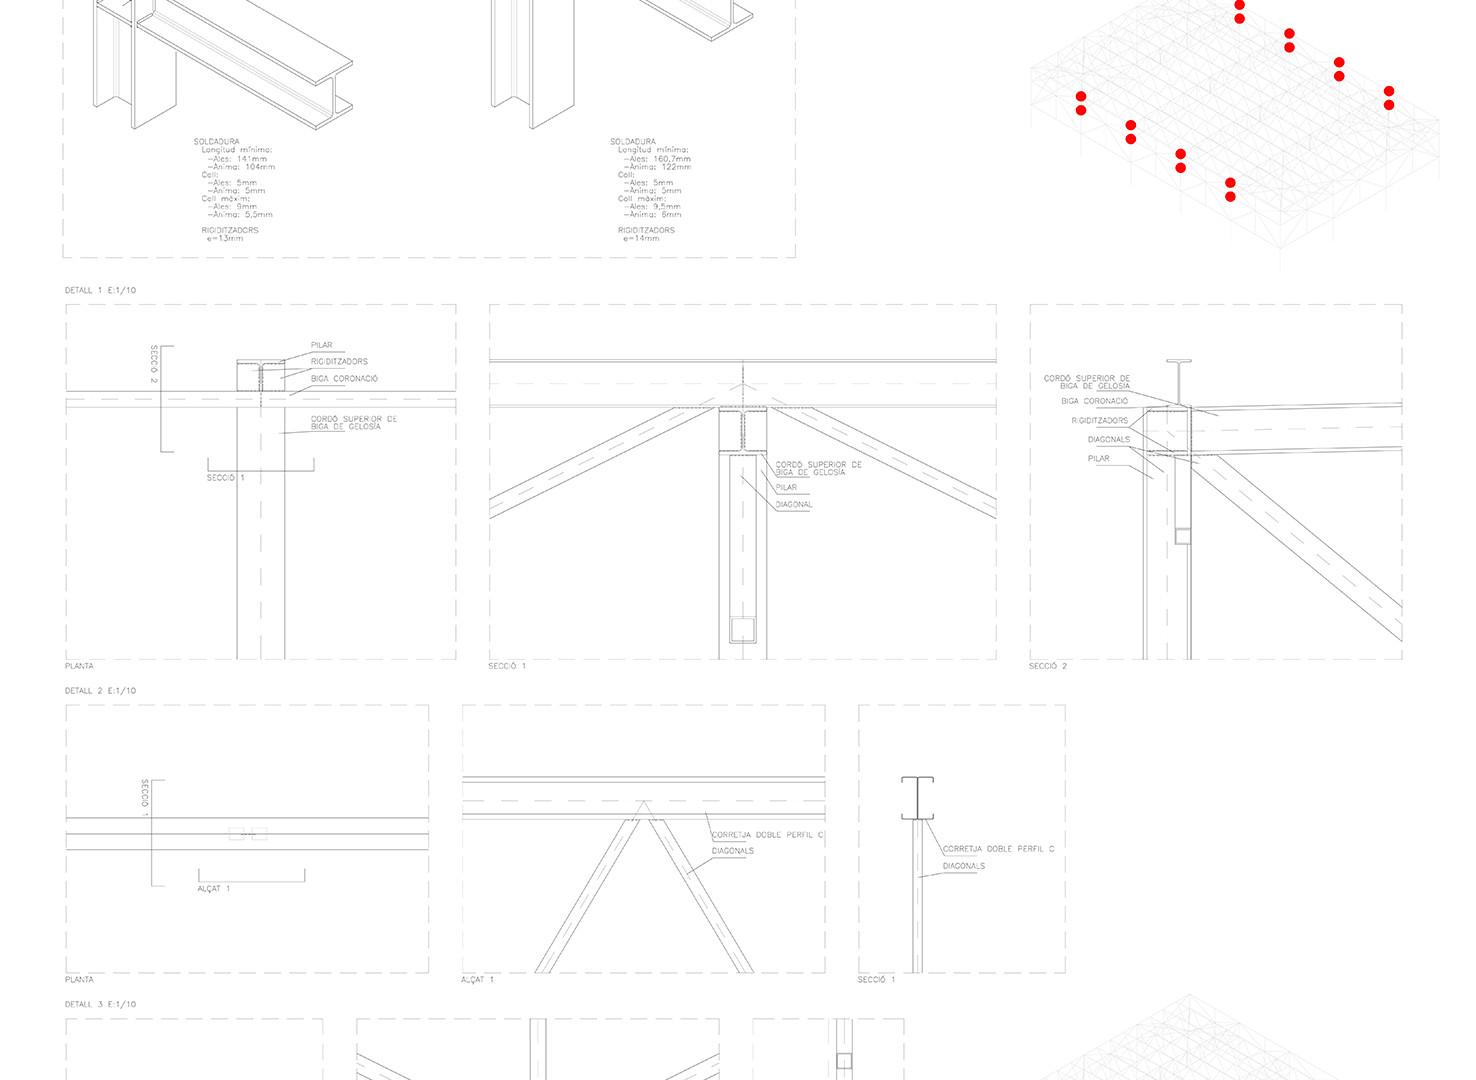 detalls estructura